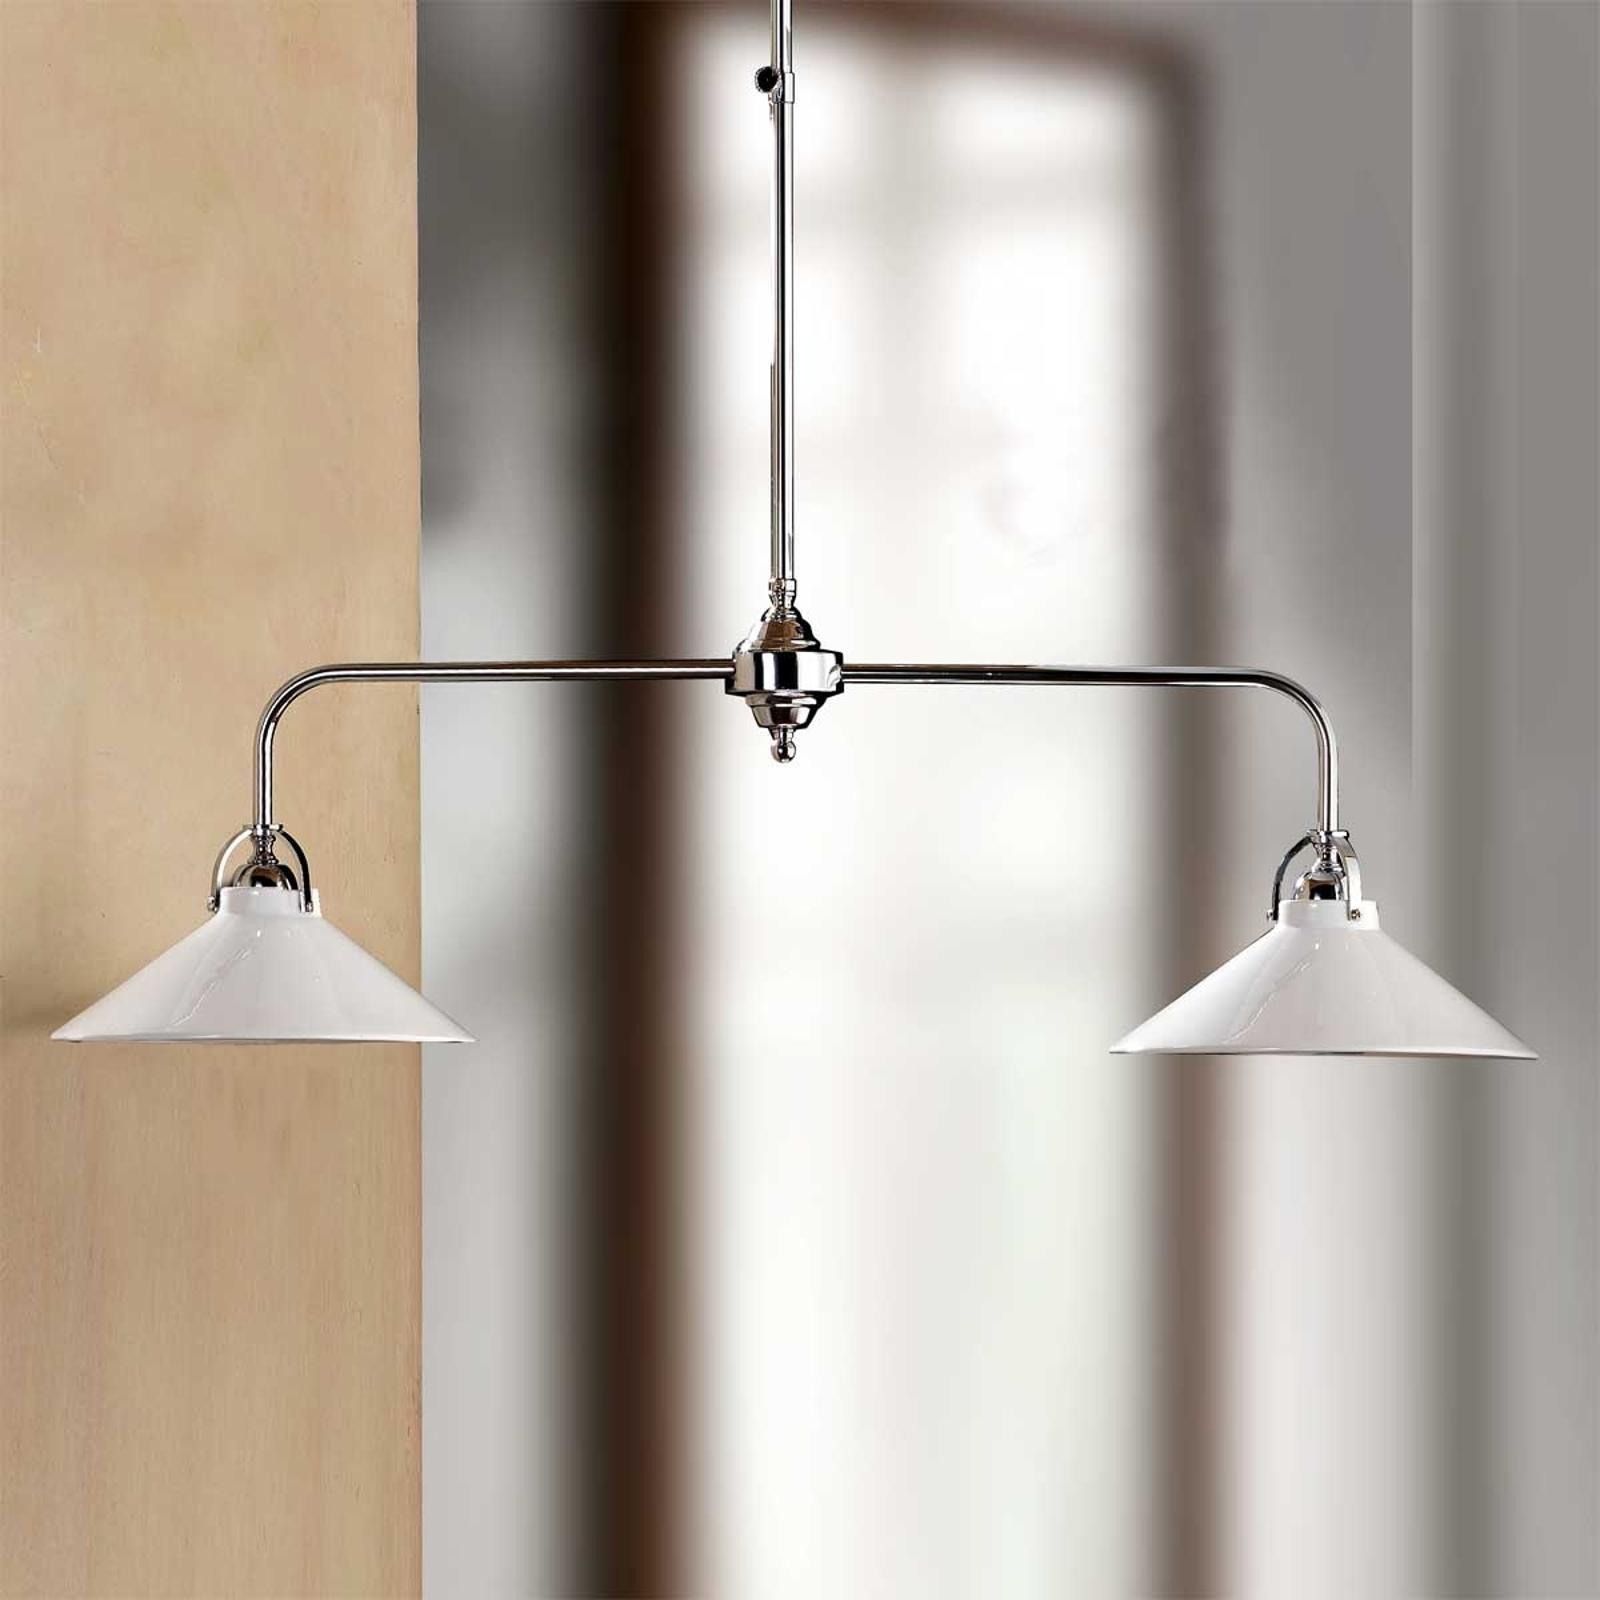 Lampada sospesa GIACOMO, ceramica, 2 punti luce